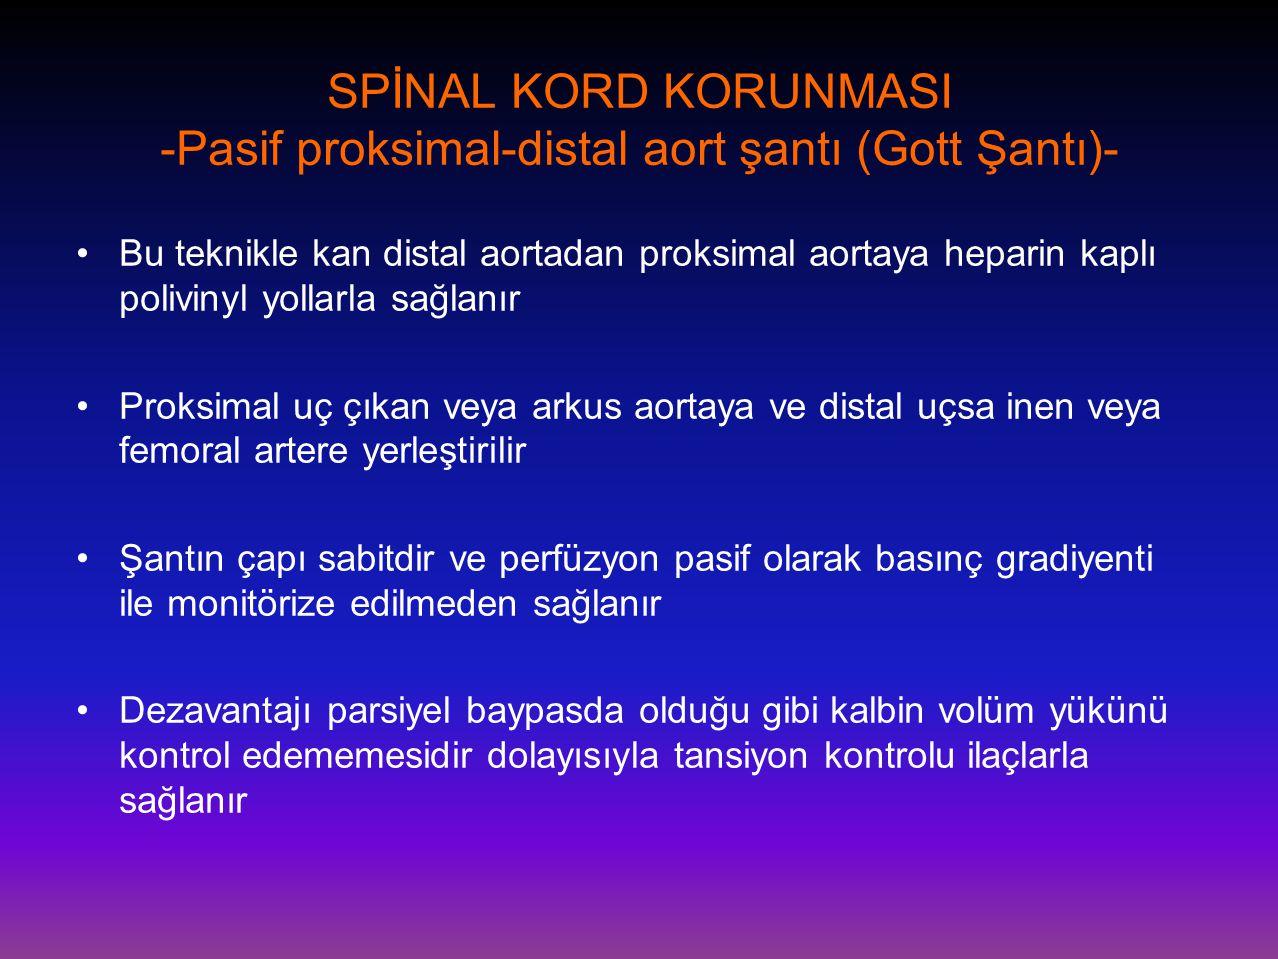 SPİNAL KORD KORUNMASI -Pasif proksimal-distal aort şantı (Gott Şantı)- •Bu teknikle kan distal aortadan proksimal aortaya heparin kaplı polivinyl yoll